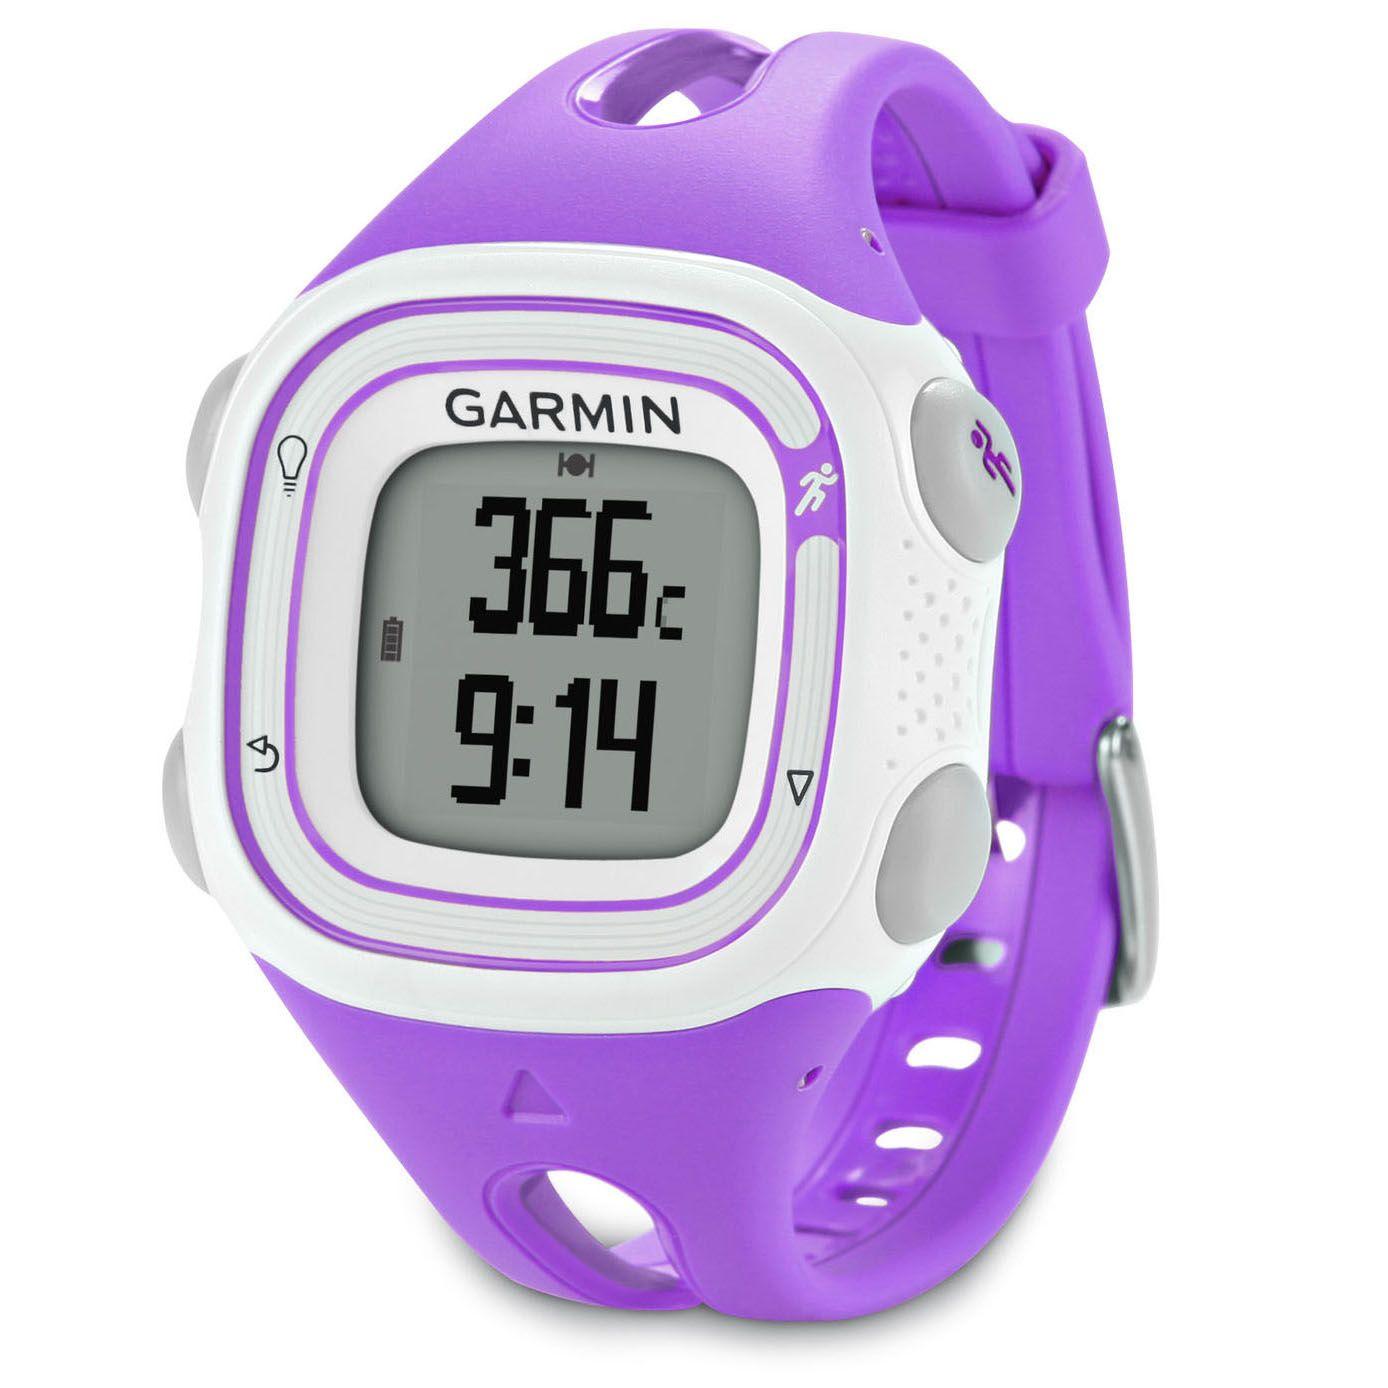 Garmin Forerunner 10 Small GPS Running Watch - Sweatband.com